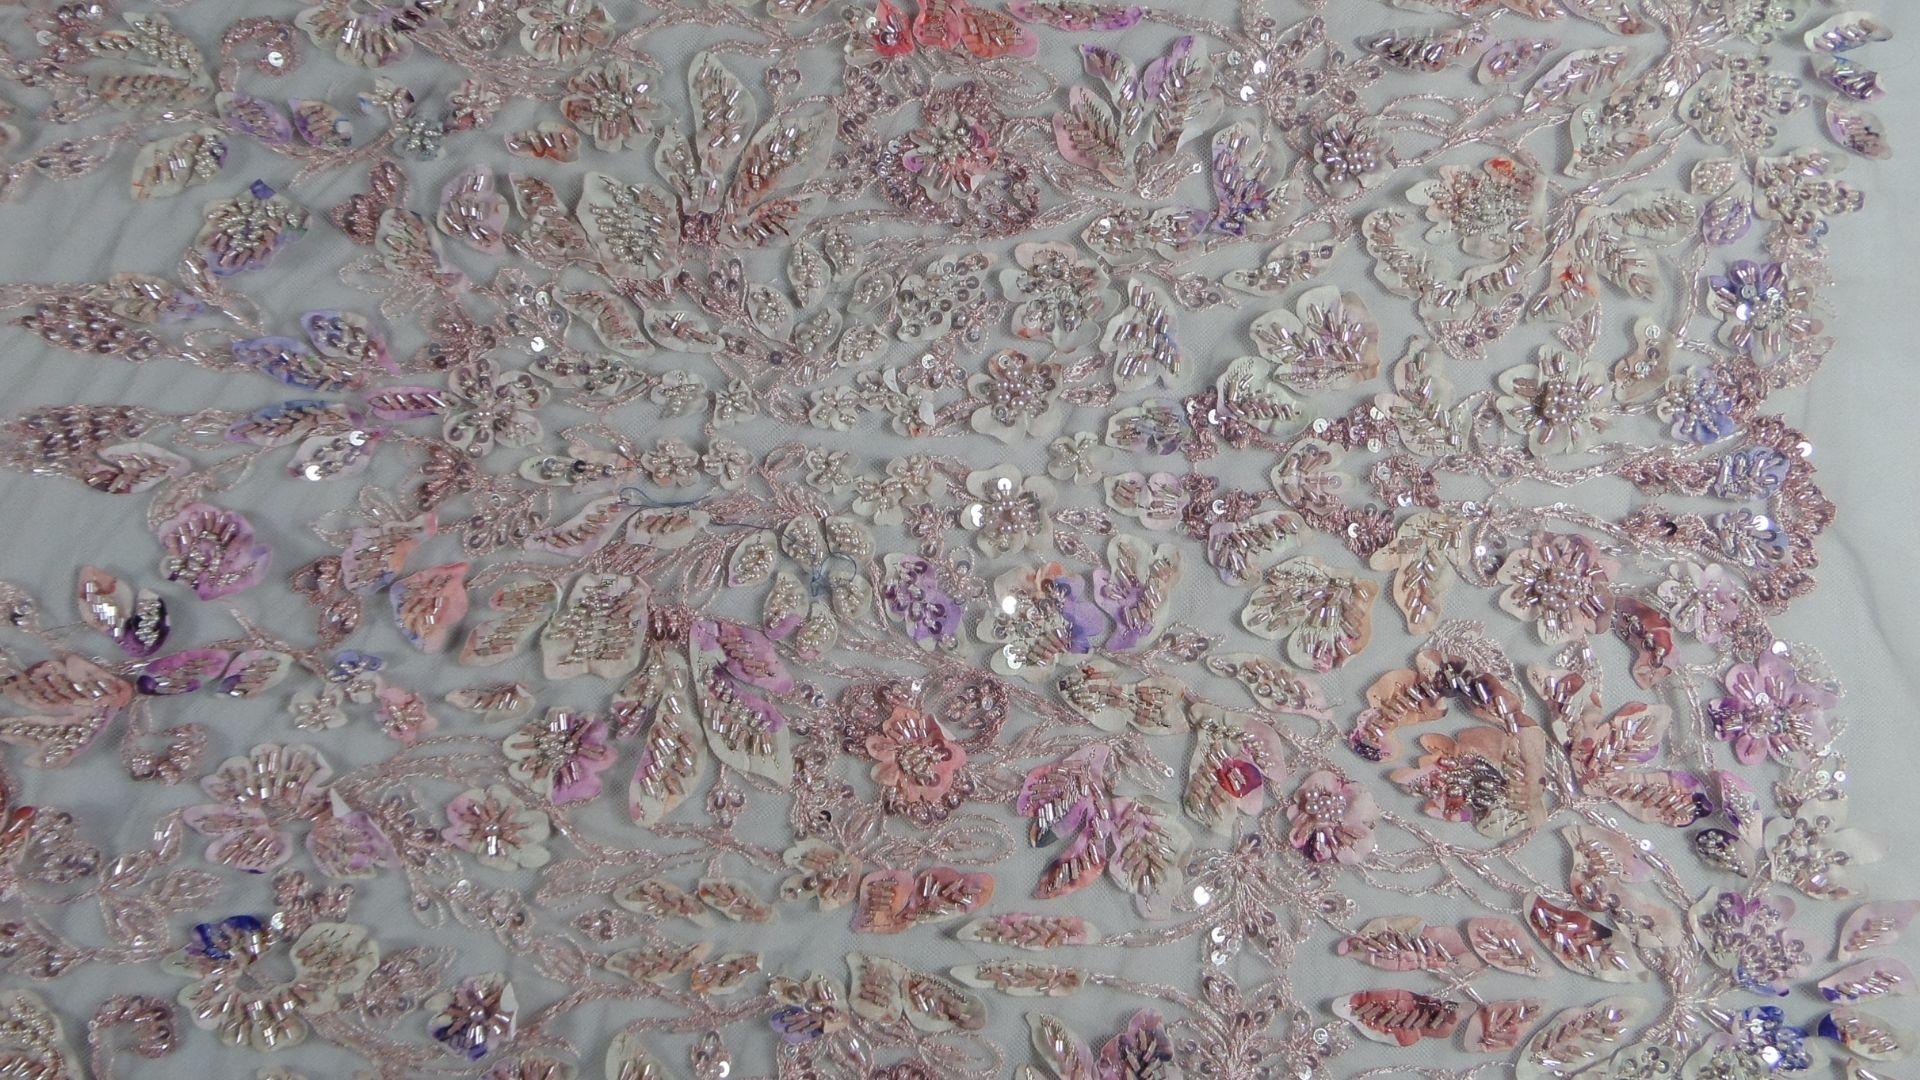 il particolare del tessuto SX005, appartenente alla categoria ricami con accessori, di Leadford & Logan